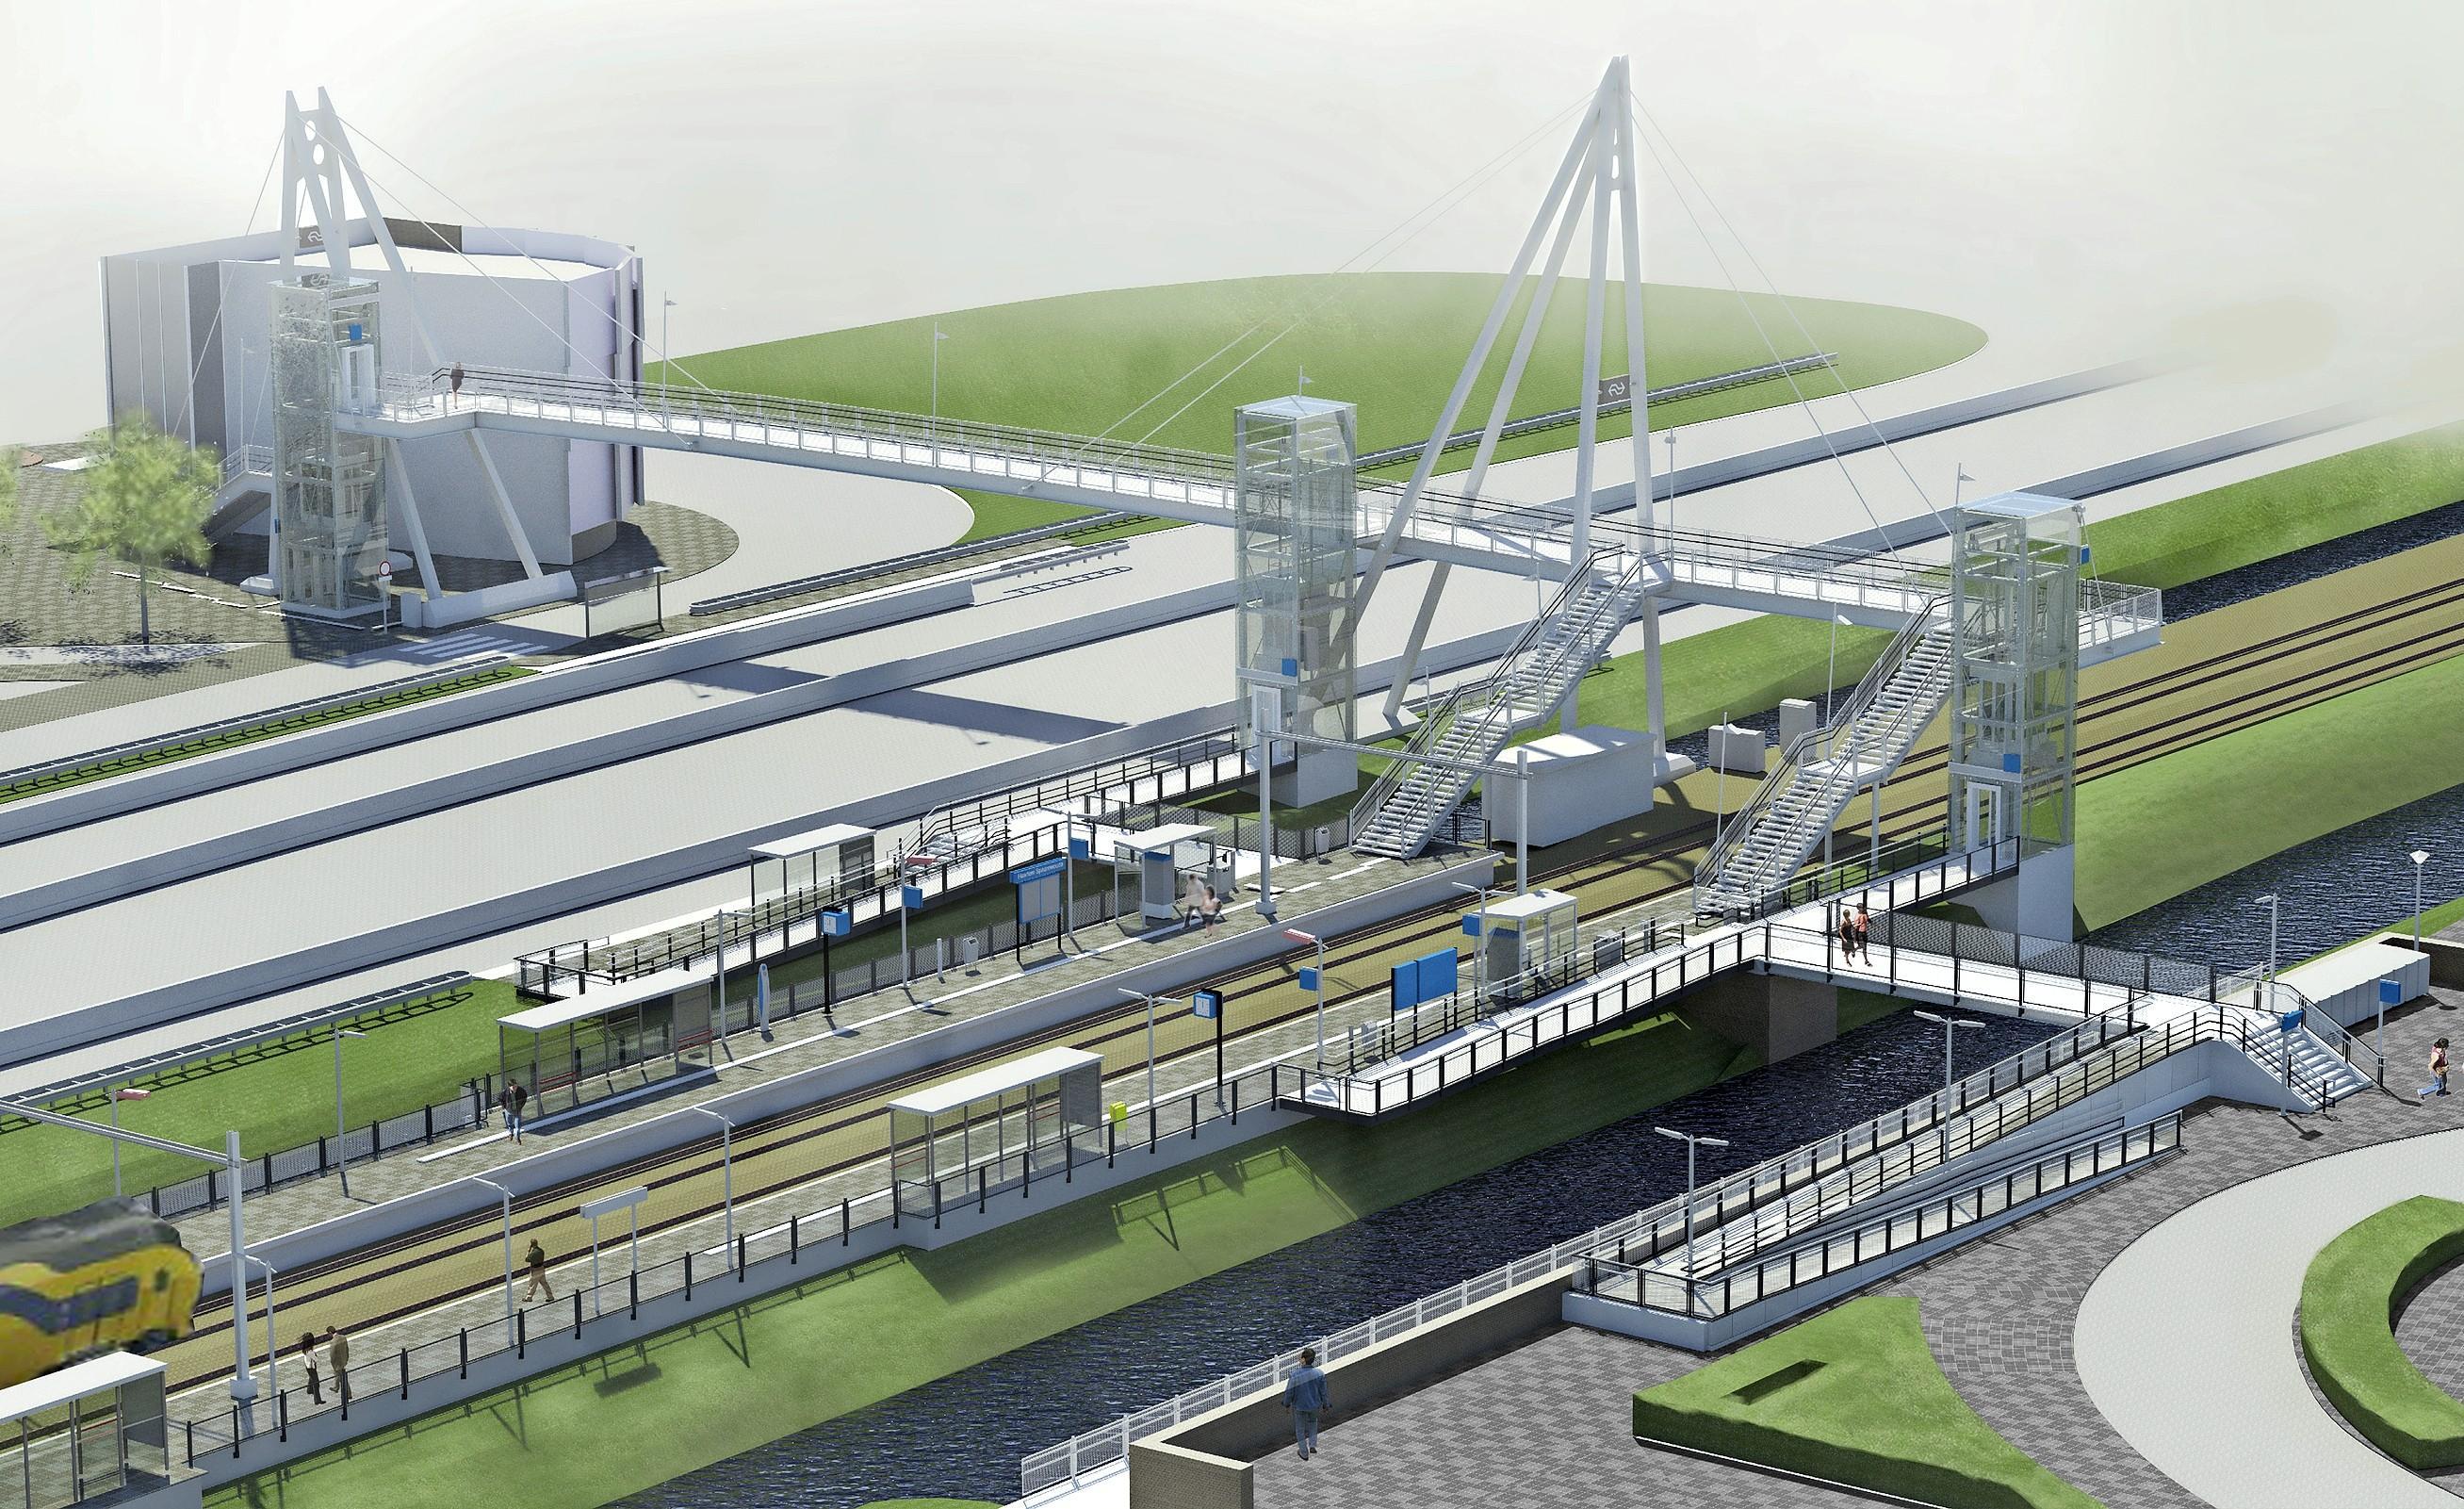 Drie liften en het obstakel Haarlem-Spaarnwoude is geslecht